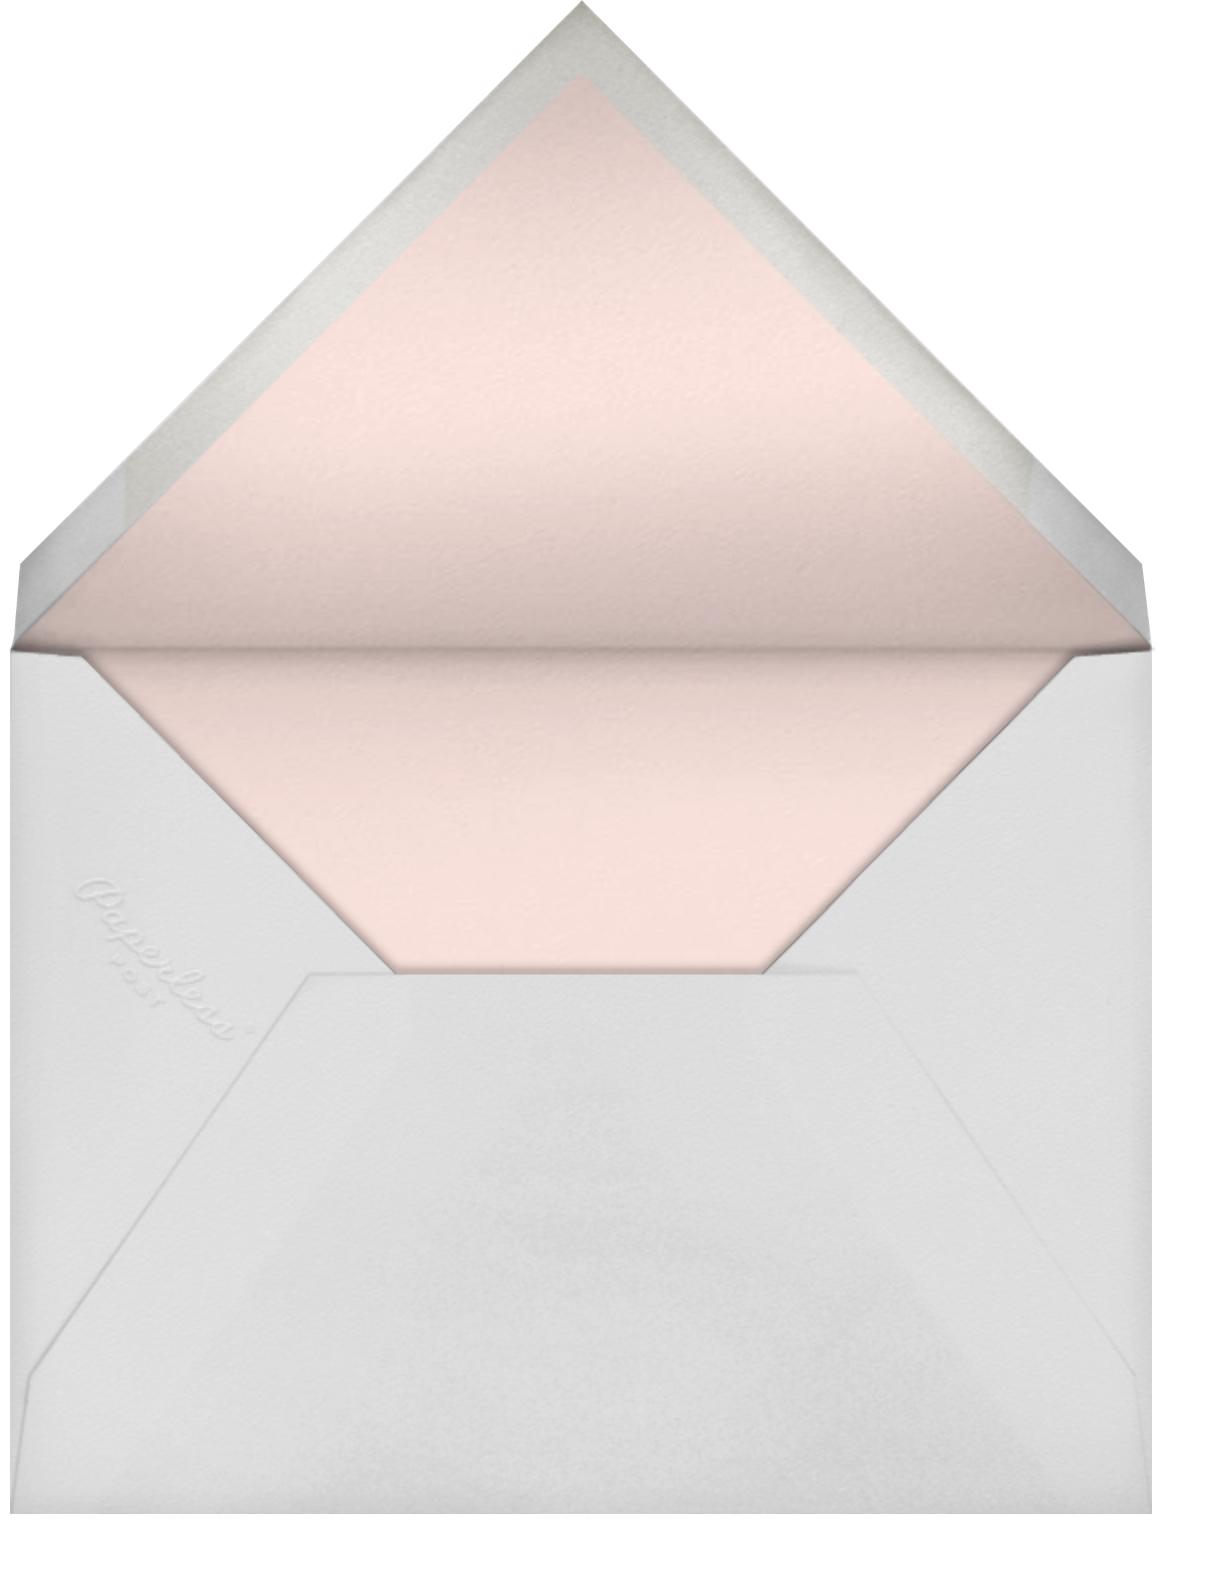 Floral Letters - Paper Source - Bridal shower - envelope back